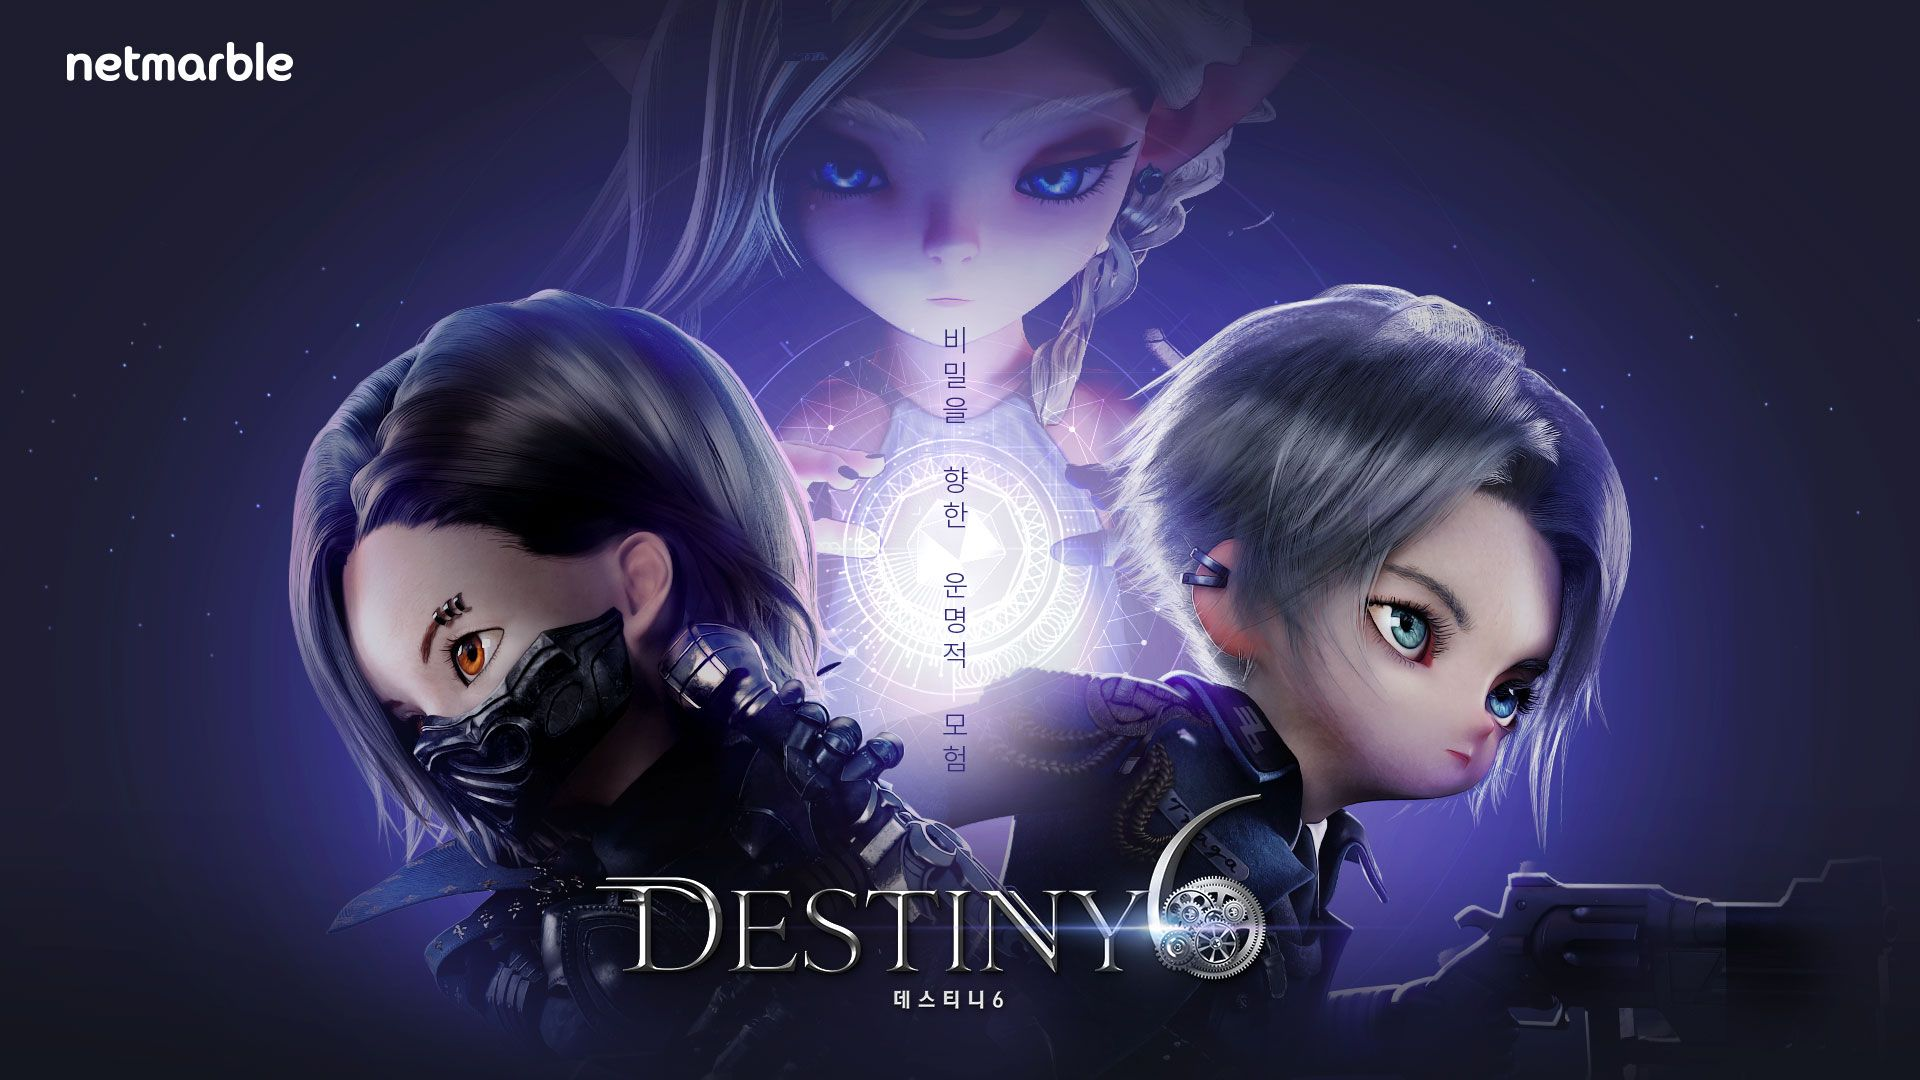 [2017] 데스티니6 _ 키아트 _ dark ver. Designer: YewonKim  Copyright ⓒ netmarble games corp. Allright Reserved. #promotion #game #데스티니6 #Destiny6 #keyart #poster